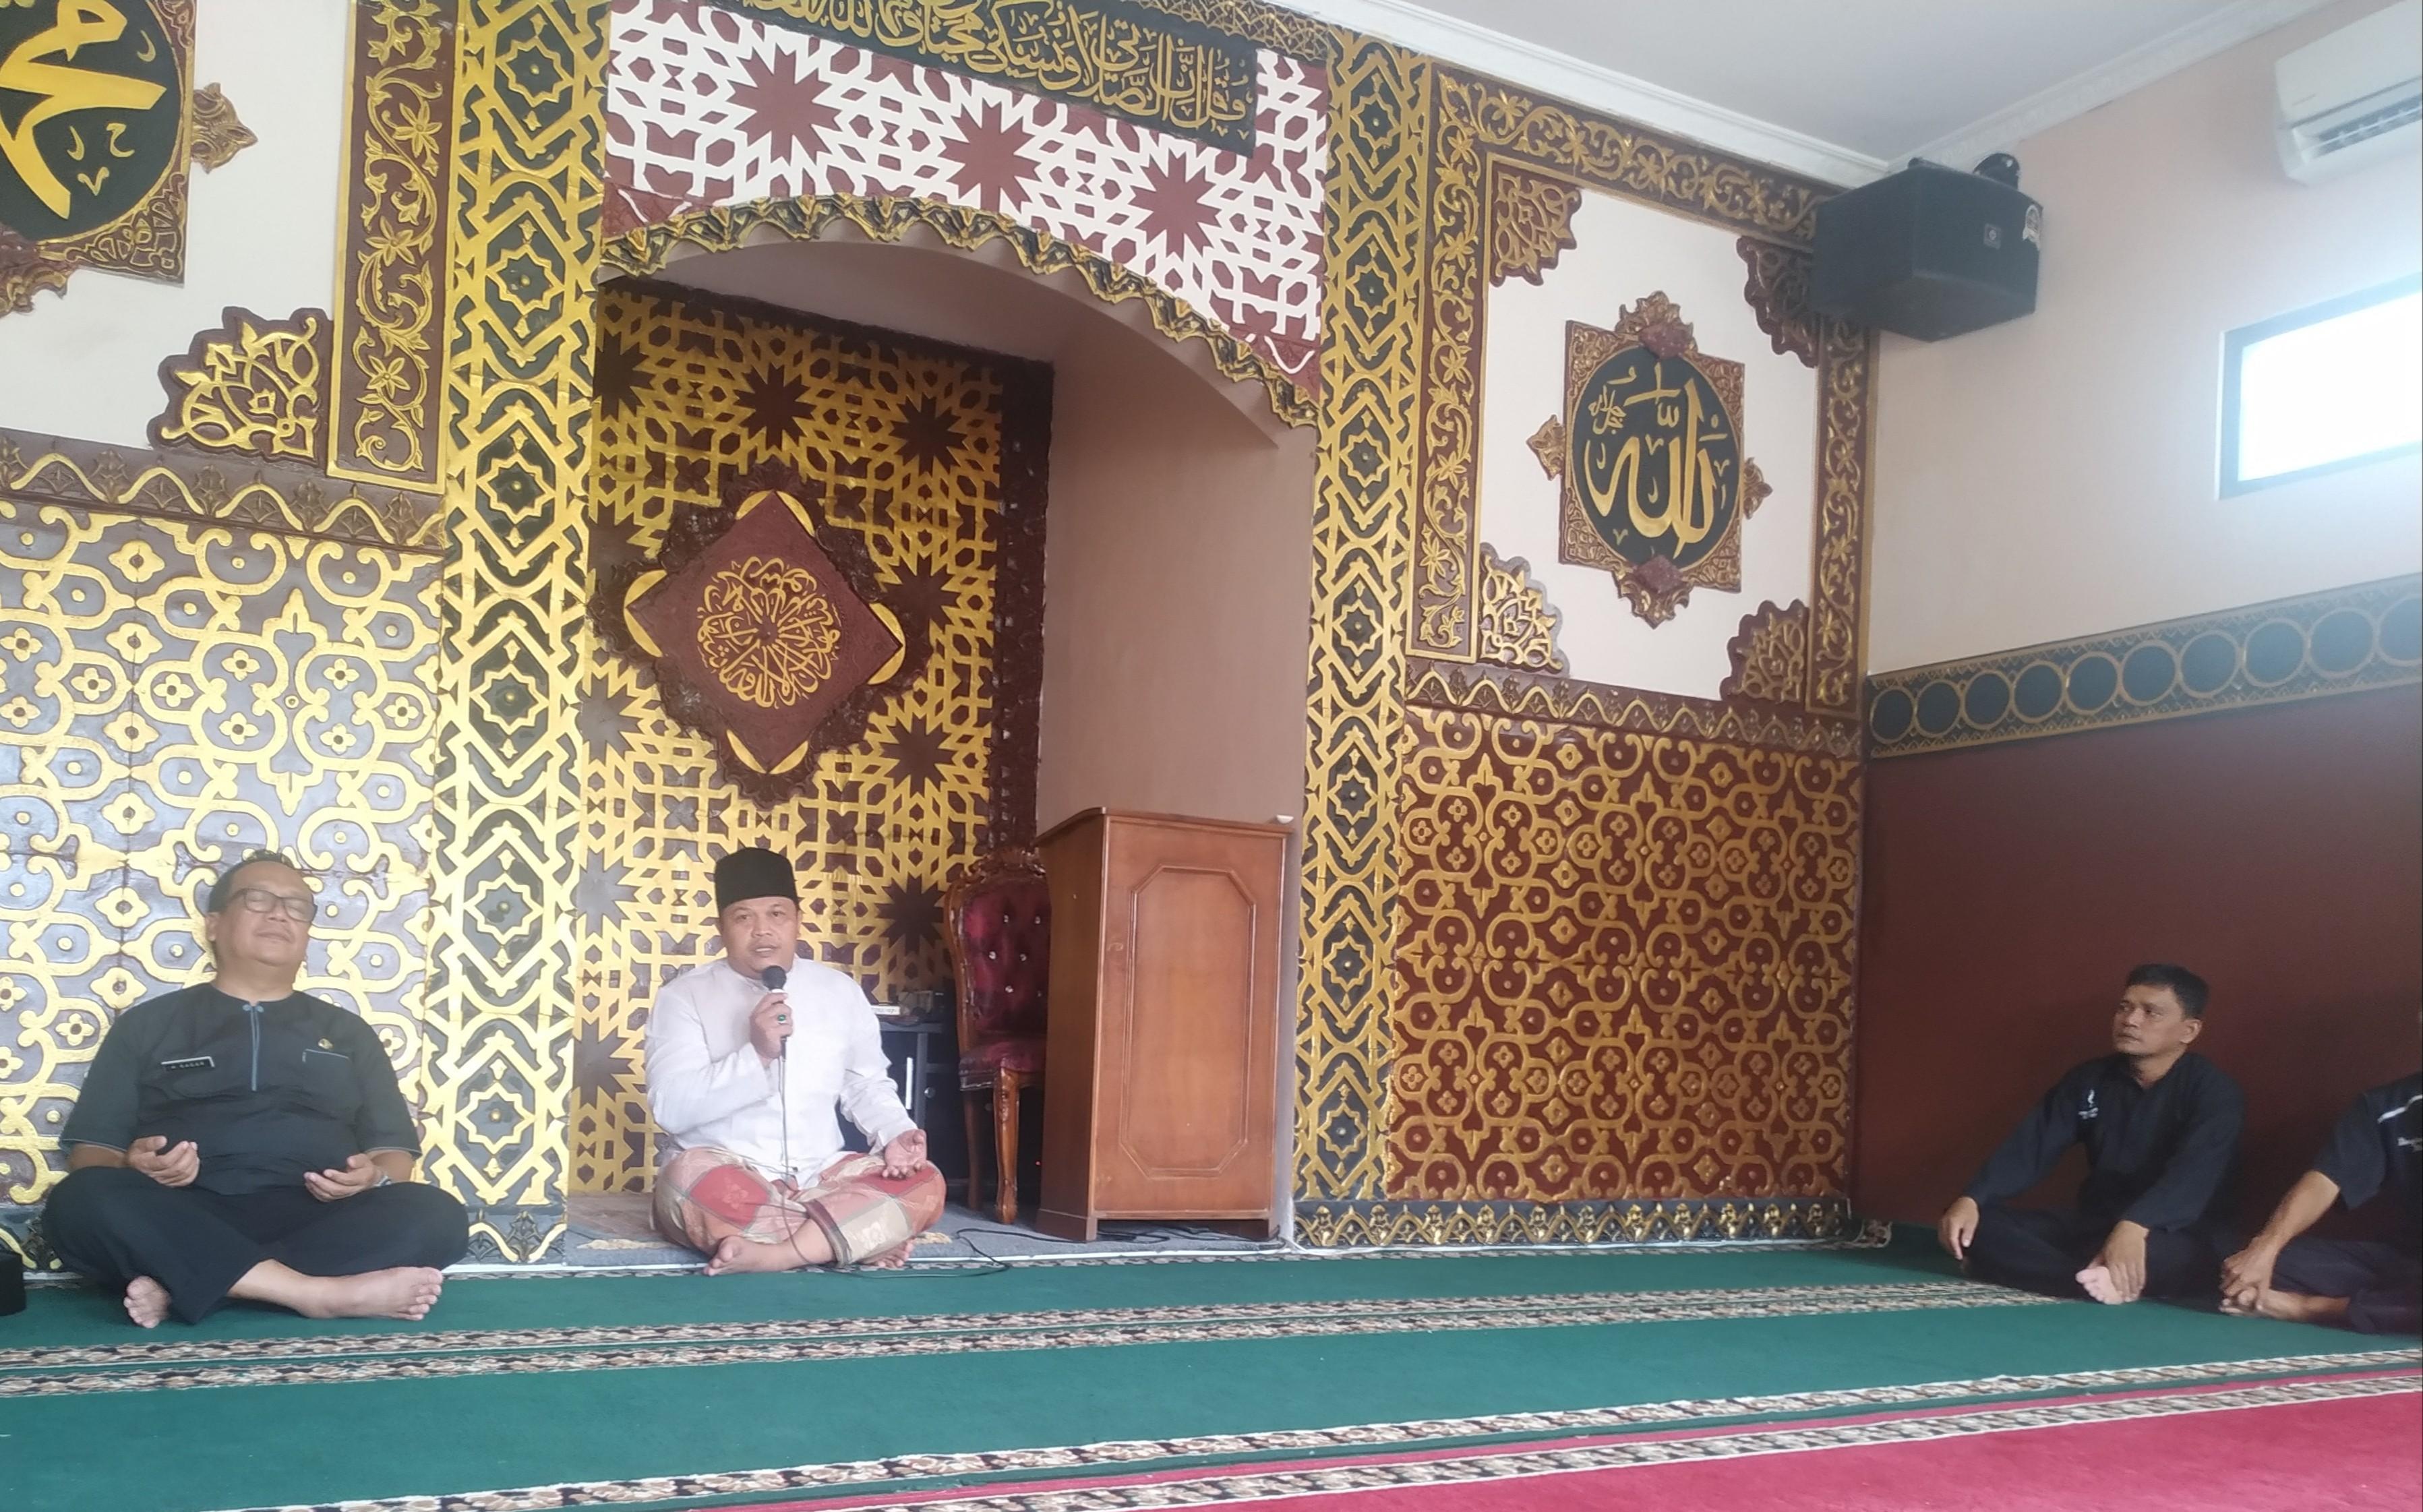 Faedah Basmallah Sebagai Muraqabbah ; Bahwa Allah SWT Selalu Mengawasi